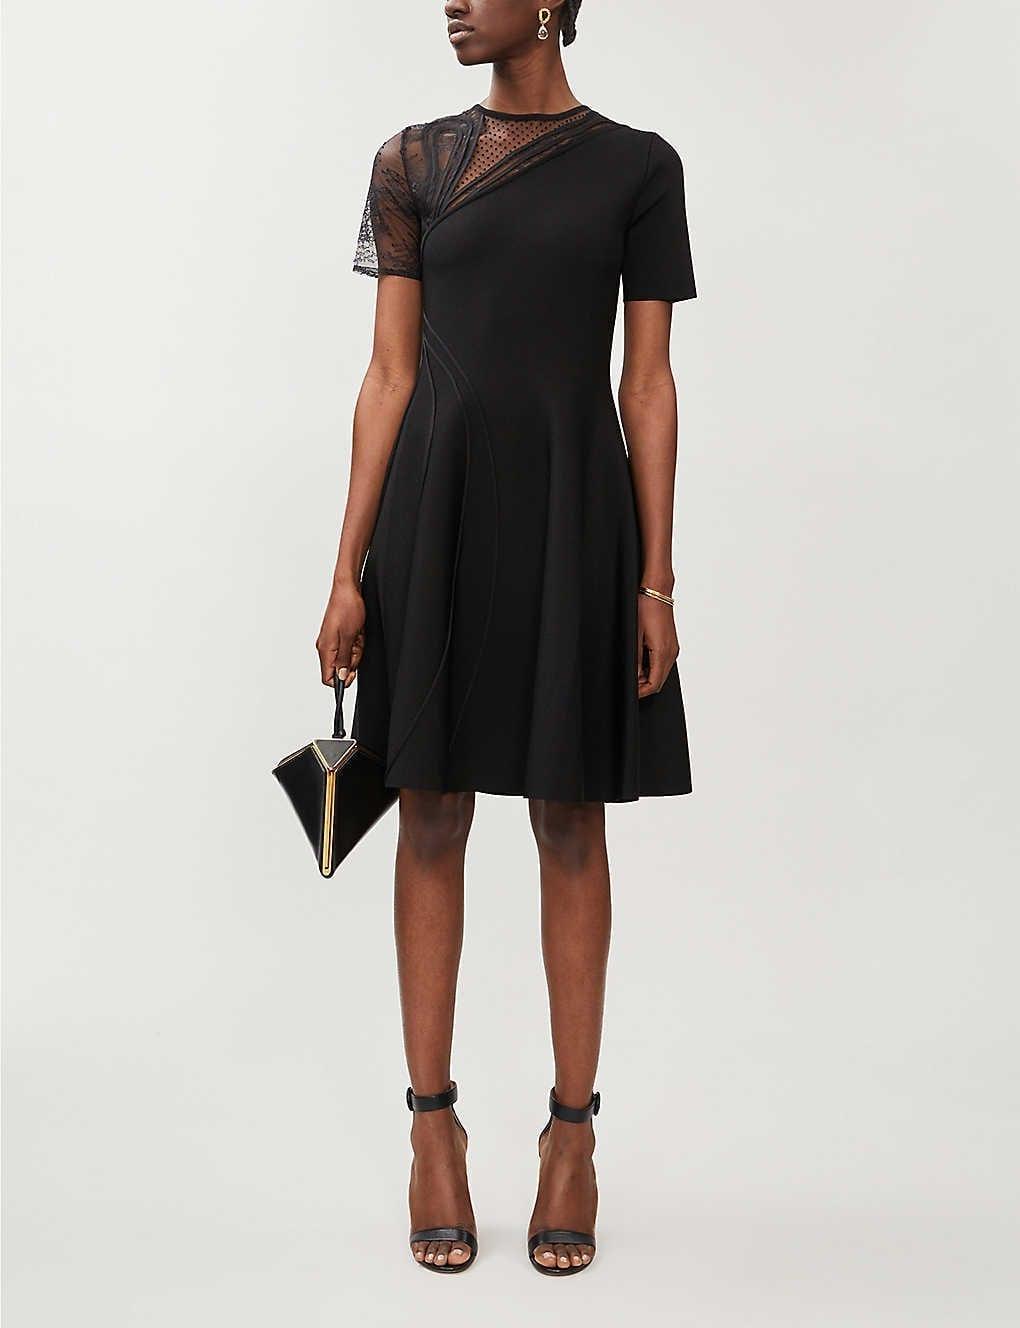 OSCAR DE LA RENTA Asymmetric Mesh-detail Stretch-woven Mini Dress